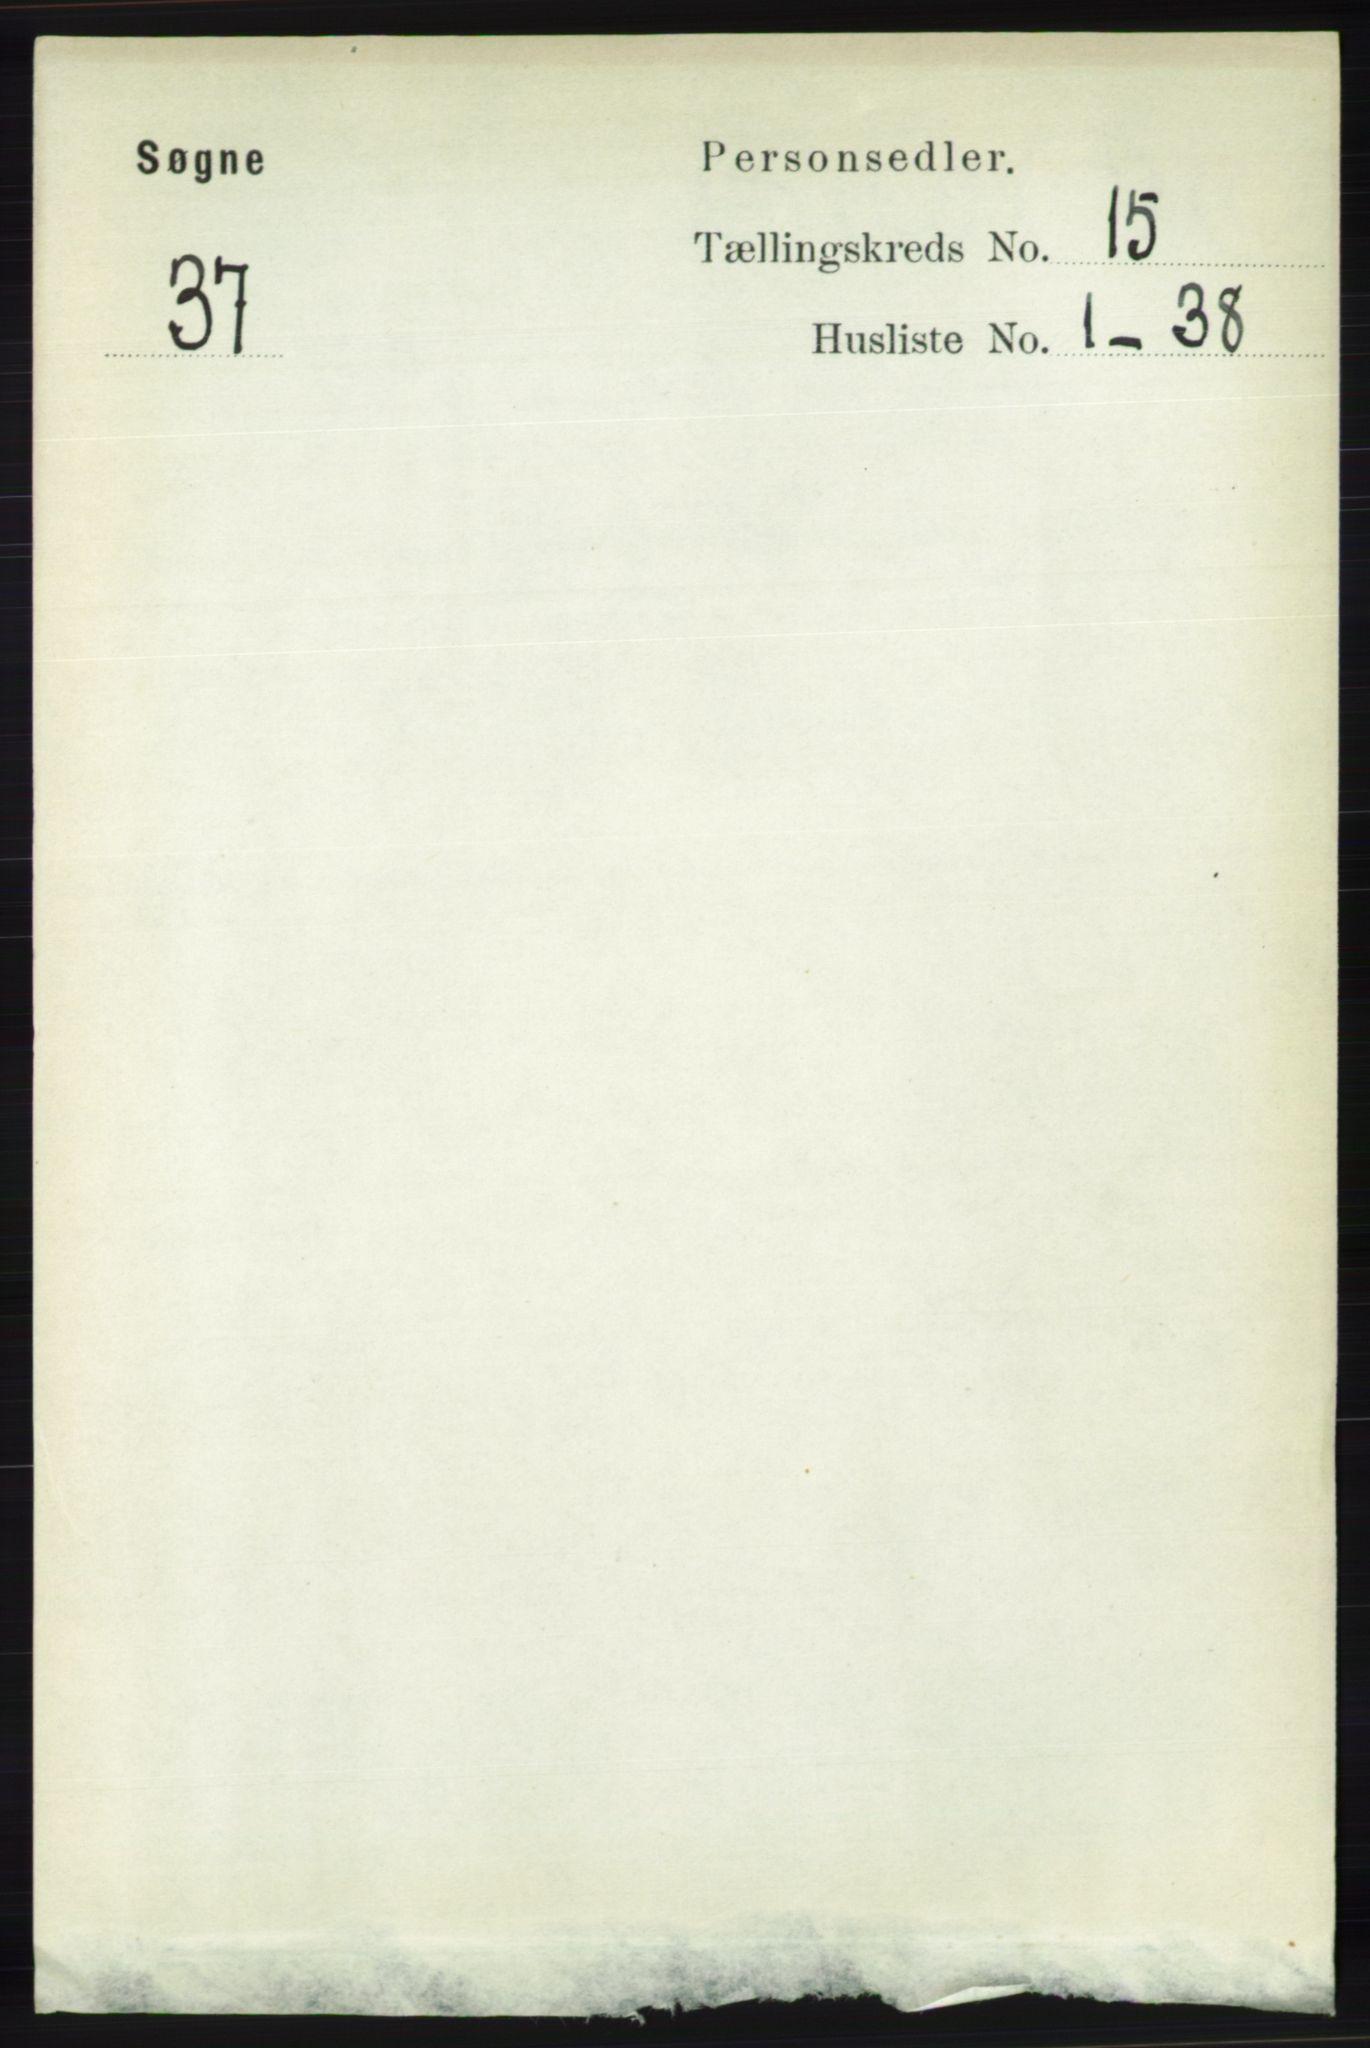 RA, Folketelling 1891 for 1018 Søgne herred, 1891, s. 3899